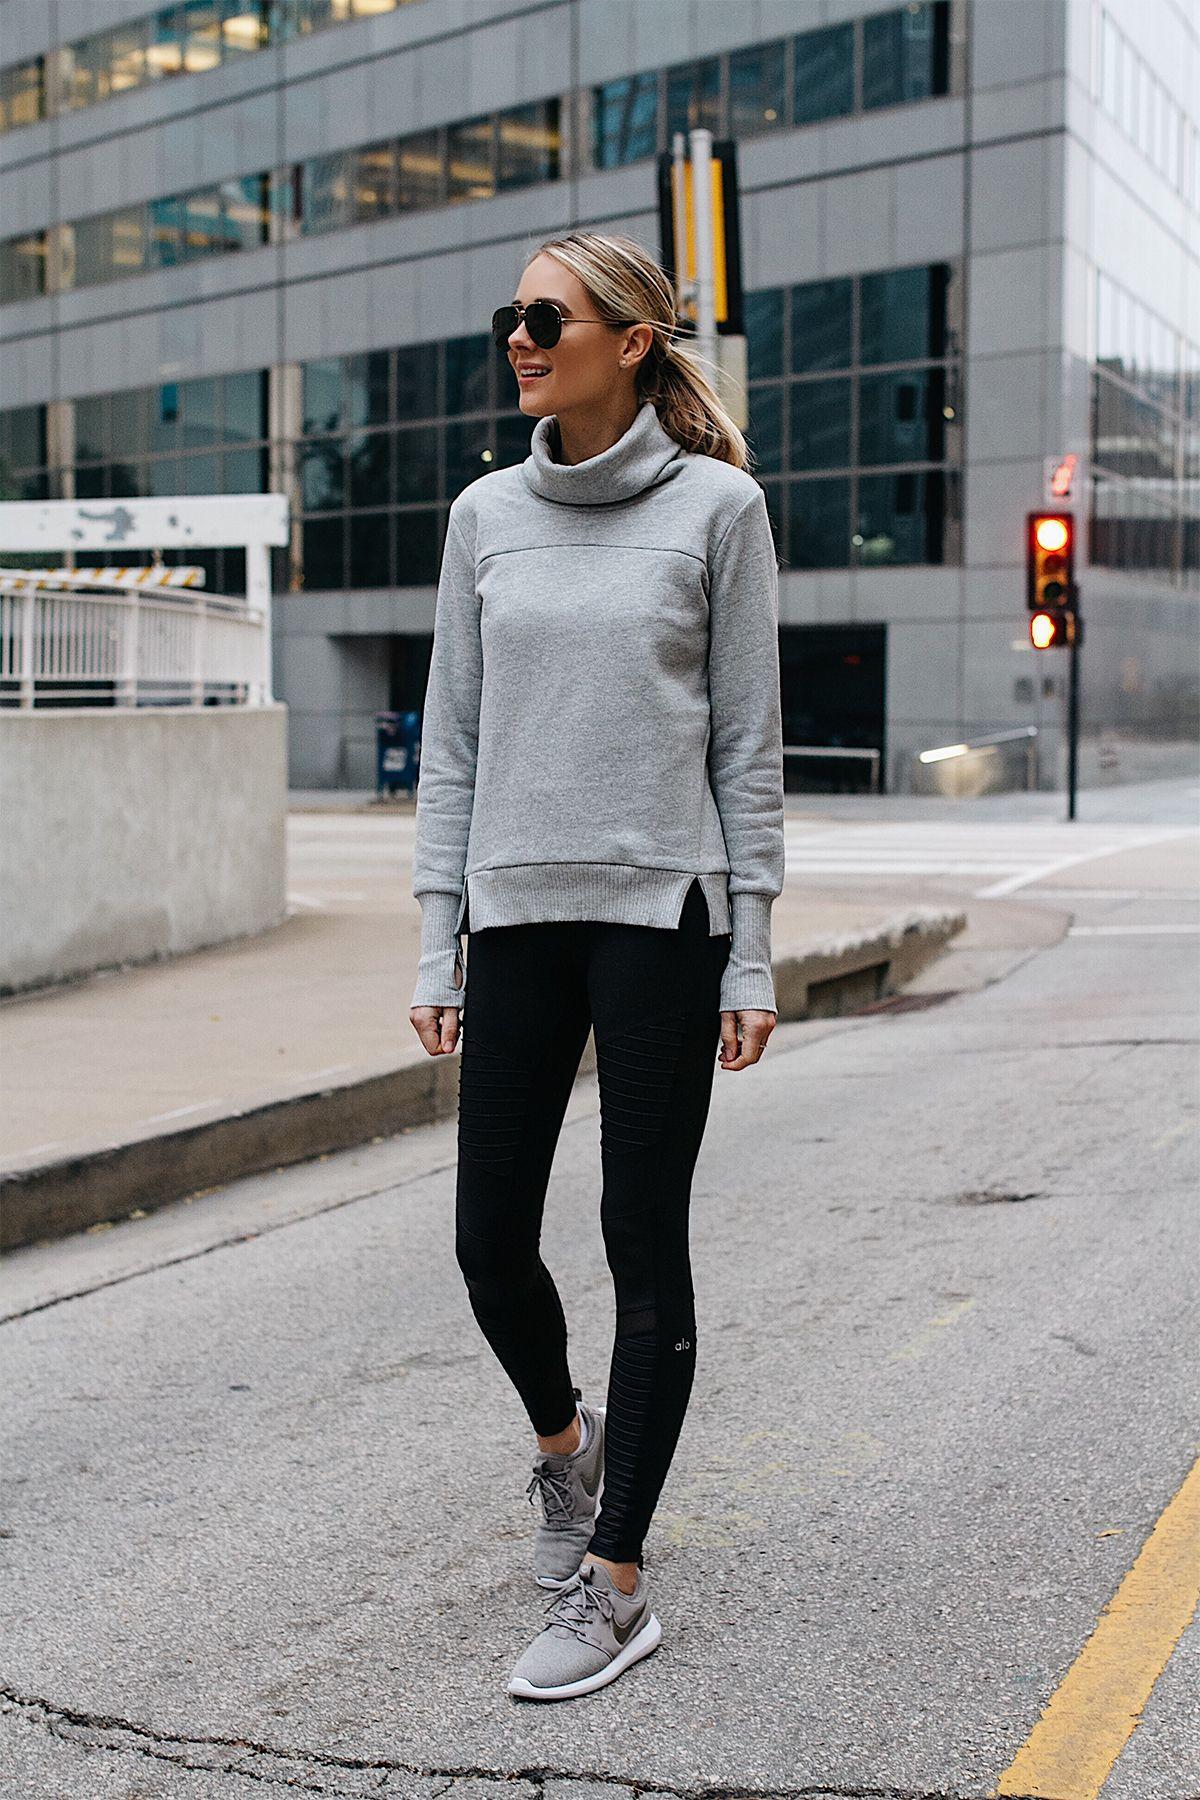 Blonde Woman Wearing Alo Grey Funnel Neck Sweatshirt Alo